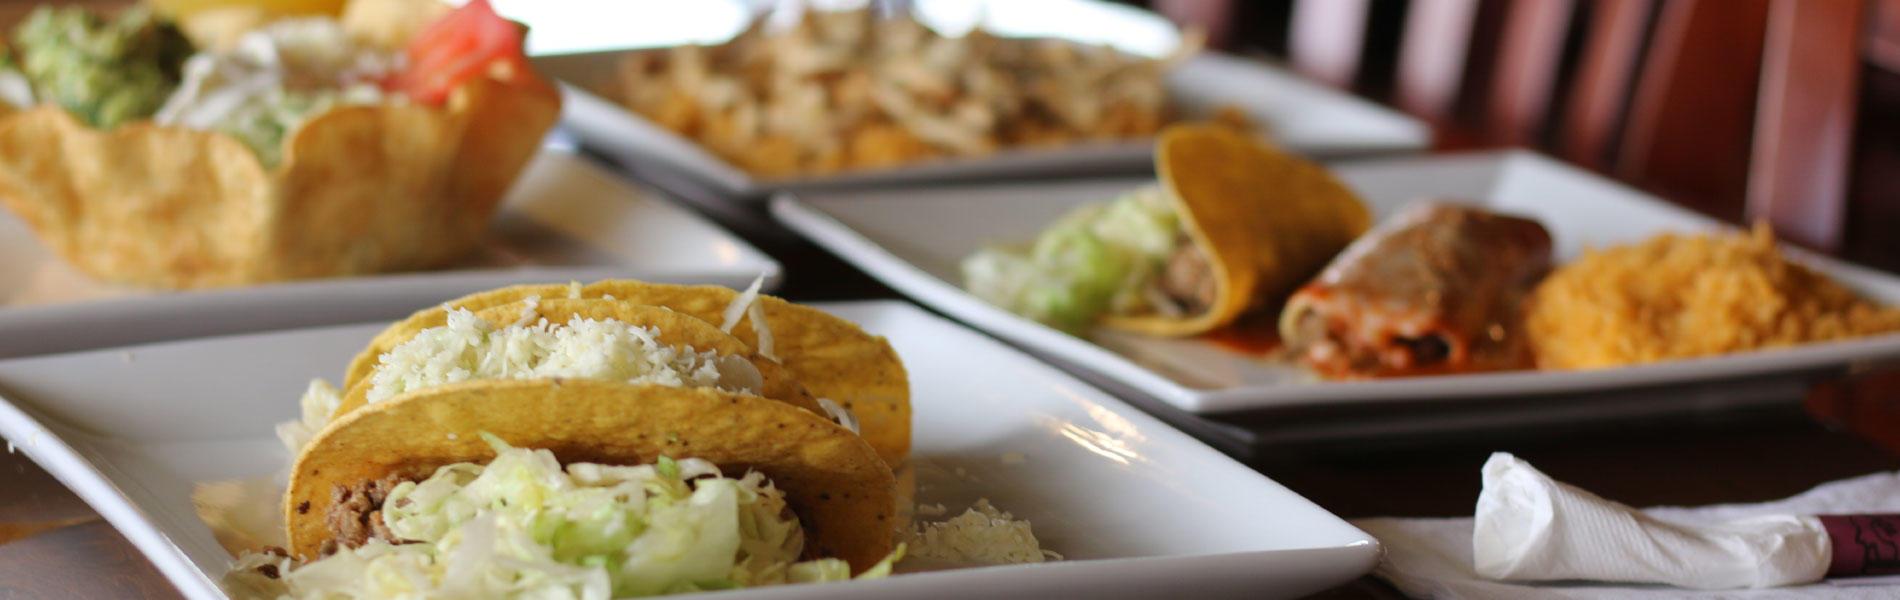 Puerto Vallarta Mexican Restaurant image 0